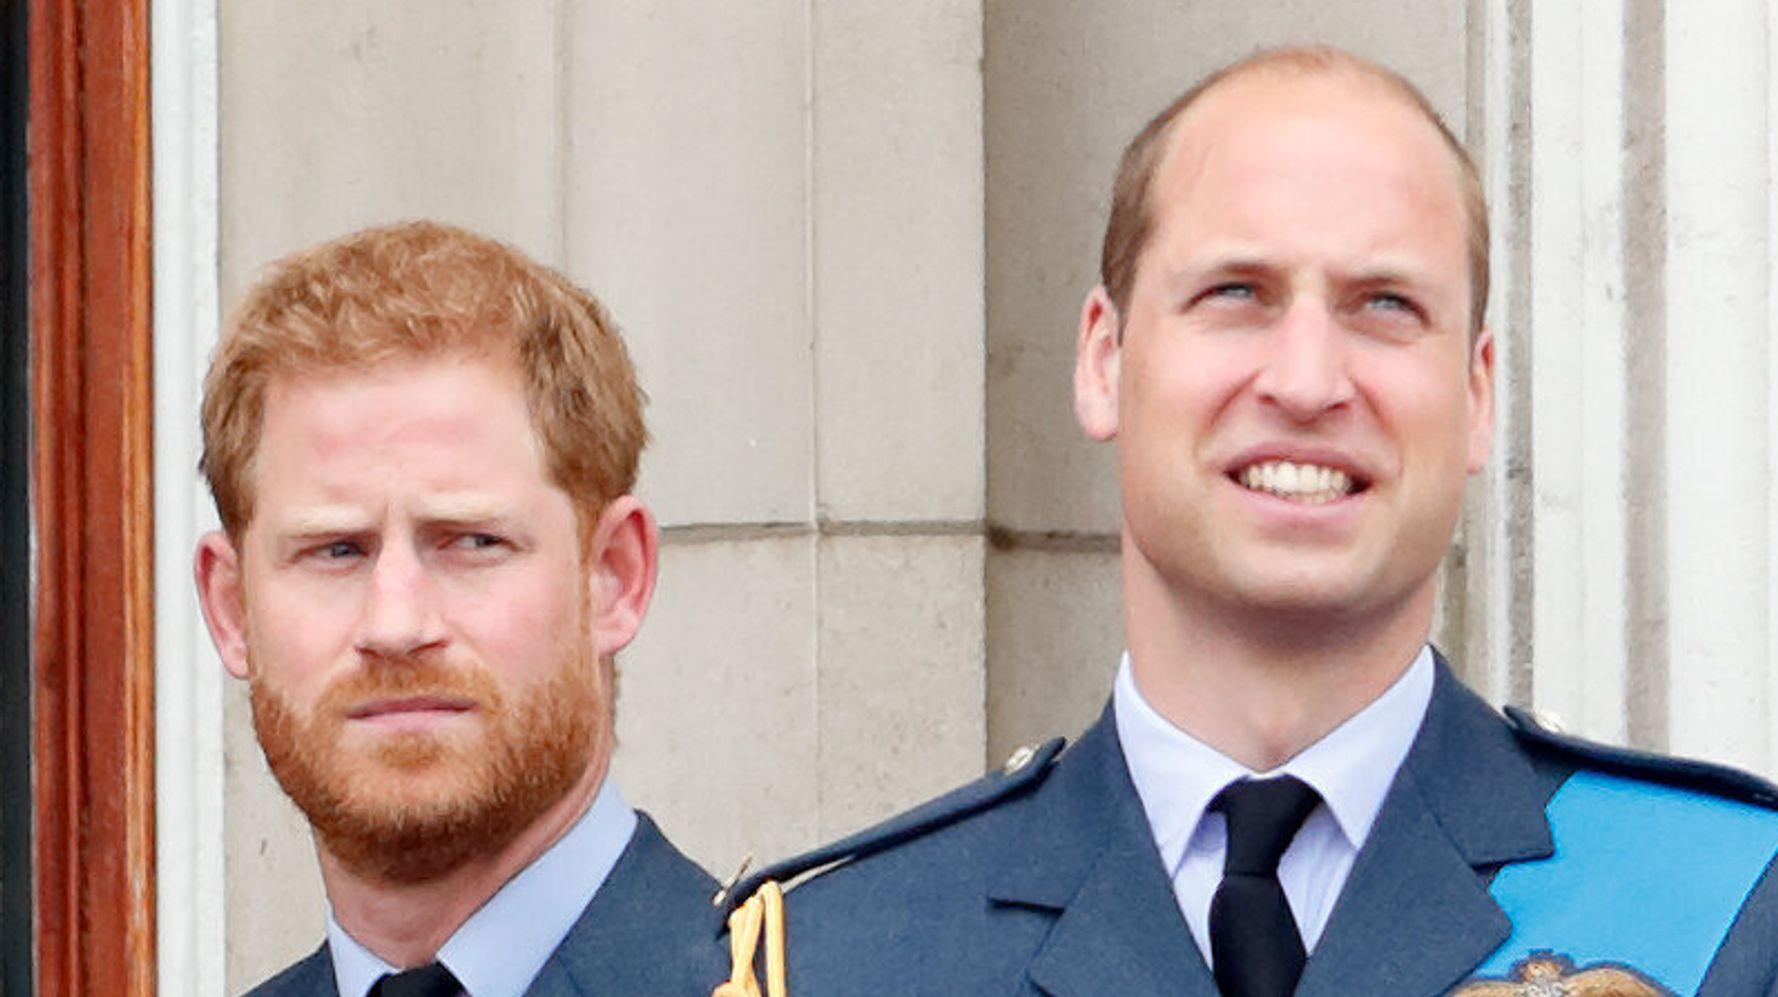 По словам друга, принц Гарри « убит горем » из-за разрыва с королевской семьей